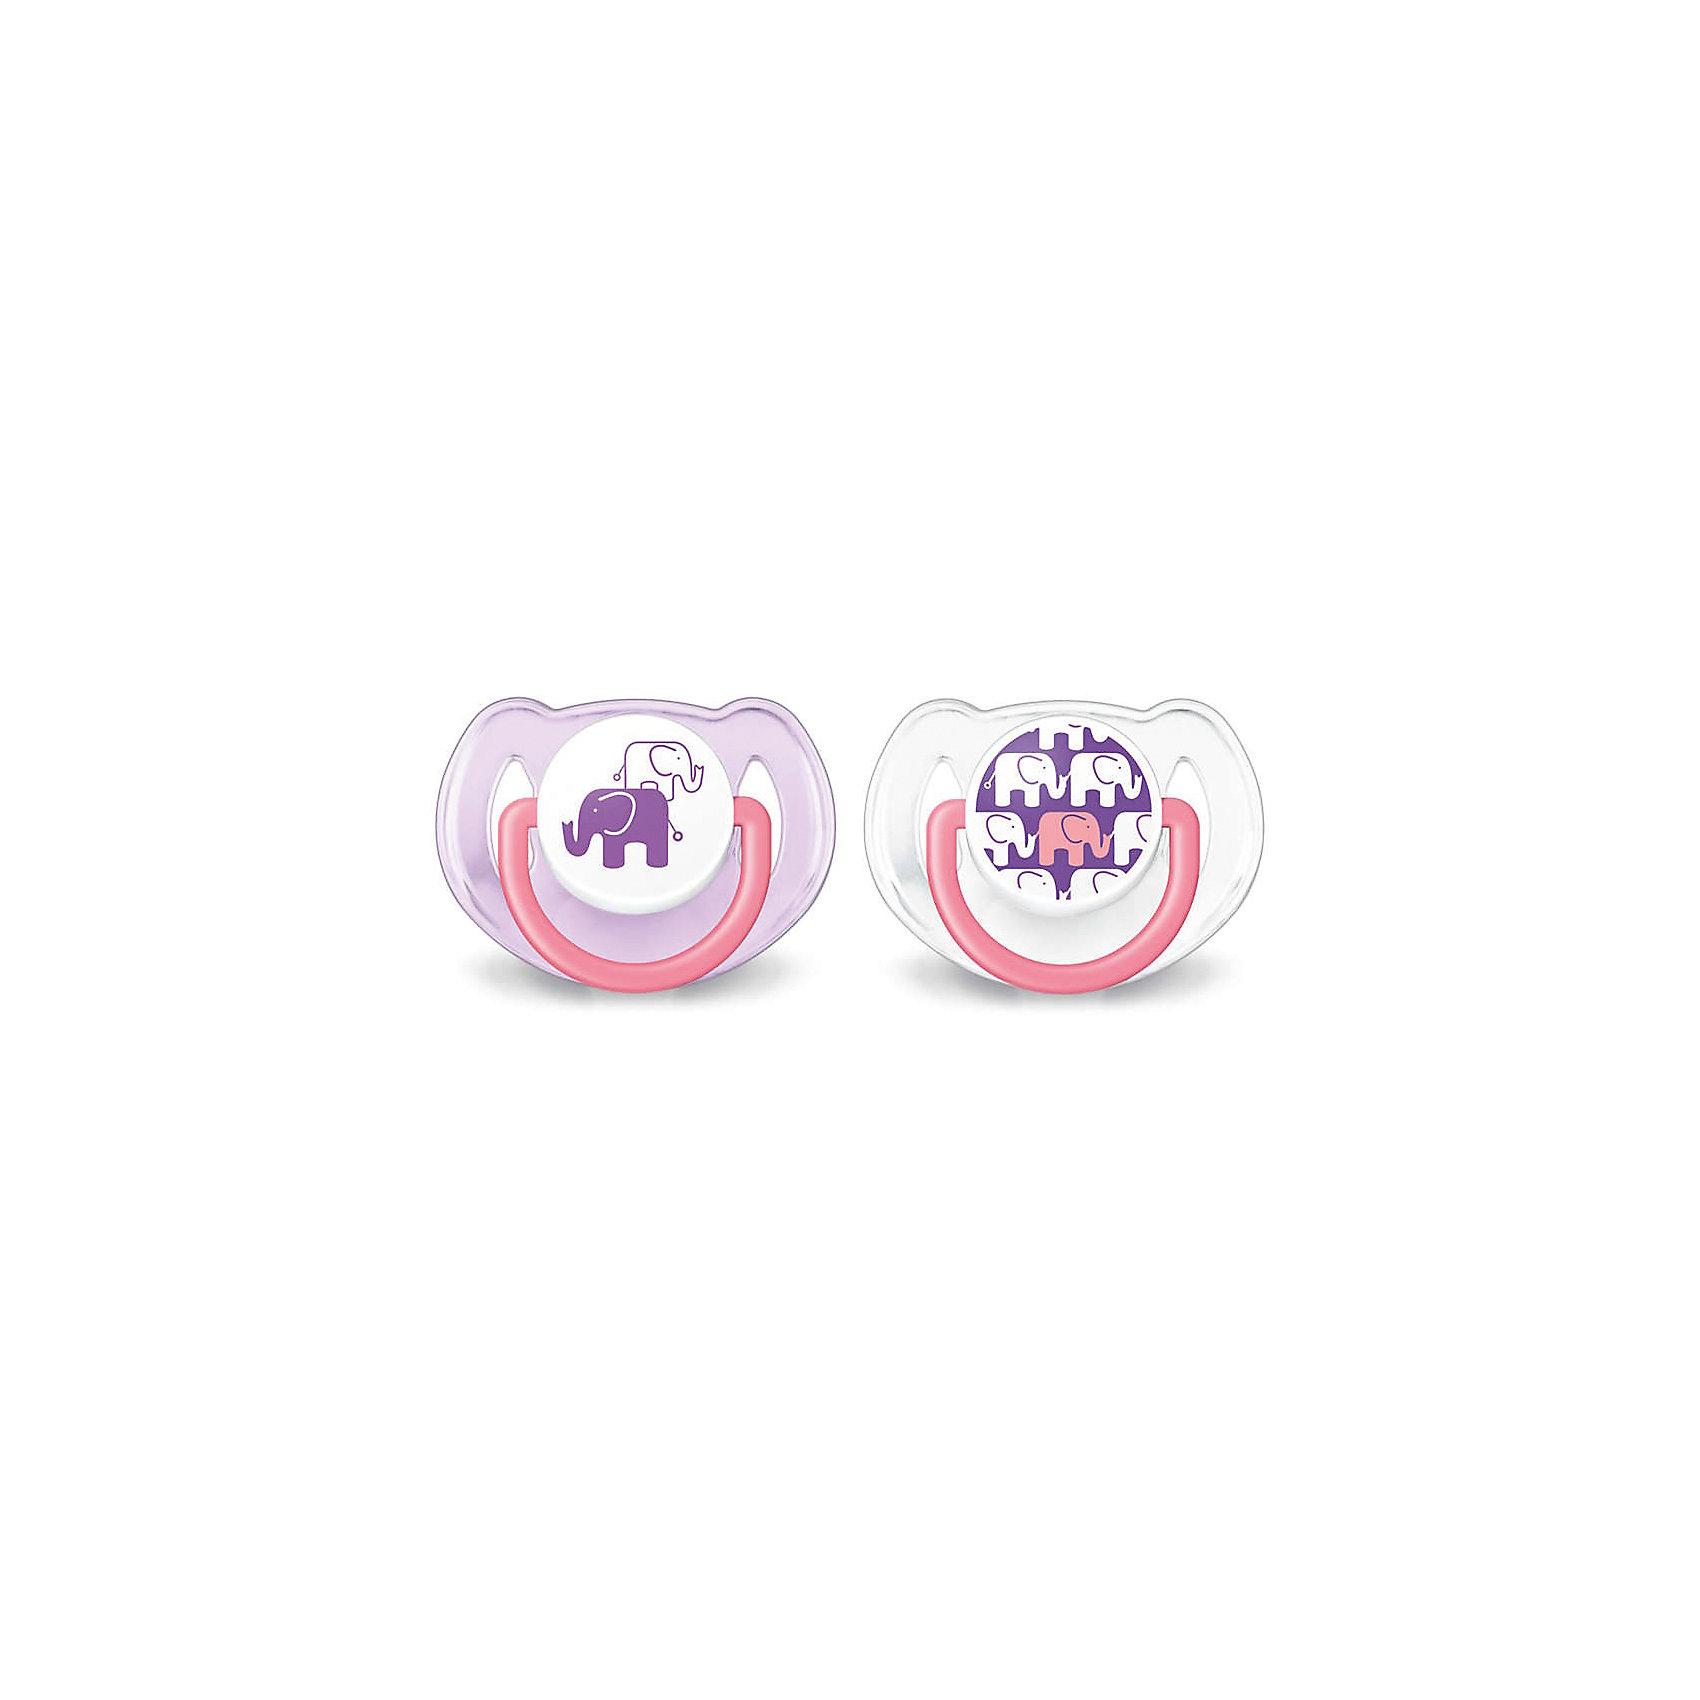 Соска-пустышка 6-18 мес, 2 шт, «Дизайн», Philips Avent, фиолетовый/белыйПустышки из силикона<br>Симметричная и мягкая соска-пустышка прекрасно подойдет для Вашего малыша! <br>Соска учитывает строение и естественное развитие неба, зубов и десен ребенка.<br><br>Дополнительная информация:<br><br>- Возраст: с 6 до 18 месяцев.<br>- Кол-во в упаковке: 2 шт.<br>- Цвет: фиолетовй/белый.<br>- Состав: высококачественный силикон.<br>- Размер упаковки: 4,8х10,3х11,5 см.<br>- Вес в упаковке: 54 г. <br><br>Купить соску-пустышку Дизайн от Philips Avent, можно в нашем магазине.<br><br>Ширина мм: 48<br>Глубина мм: 103<br>Высота мм: 115<br>Вес г: 54<br>Возраст от месяцев: 6<br>Возраст до месяцев: 18<br>Пол: Женский<br>Возраст: Детский<br>SKU: 4880889